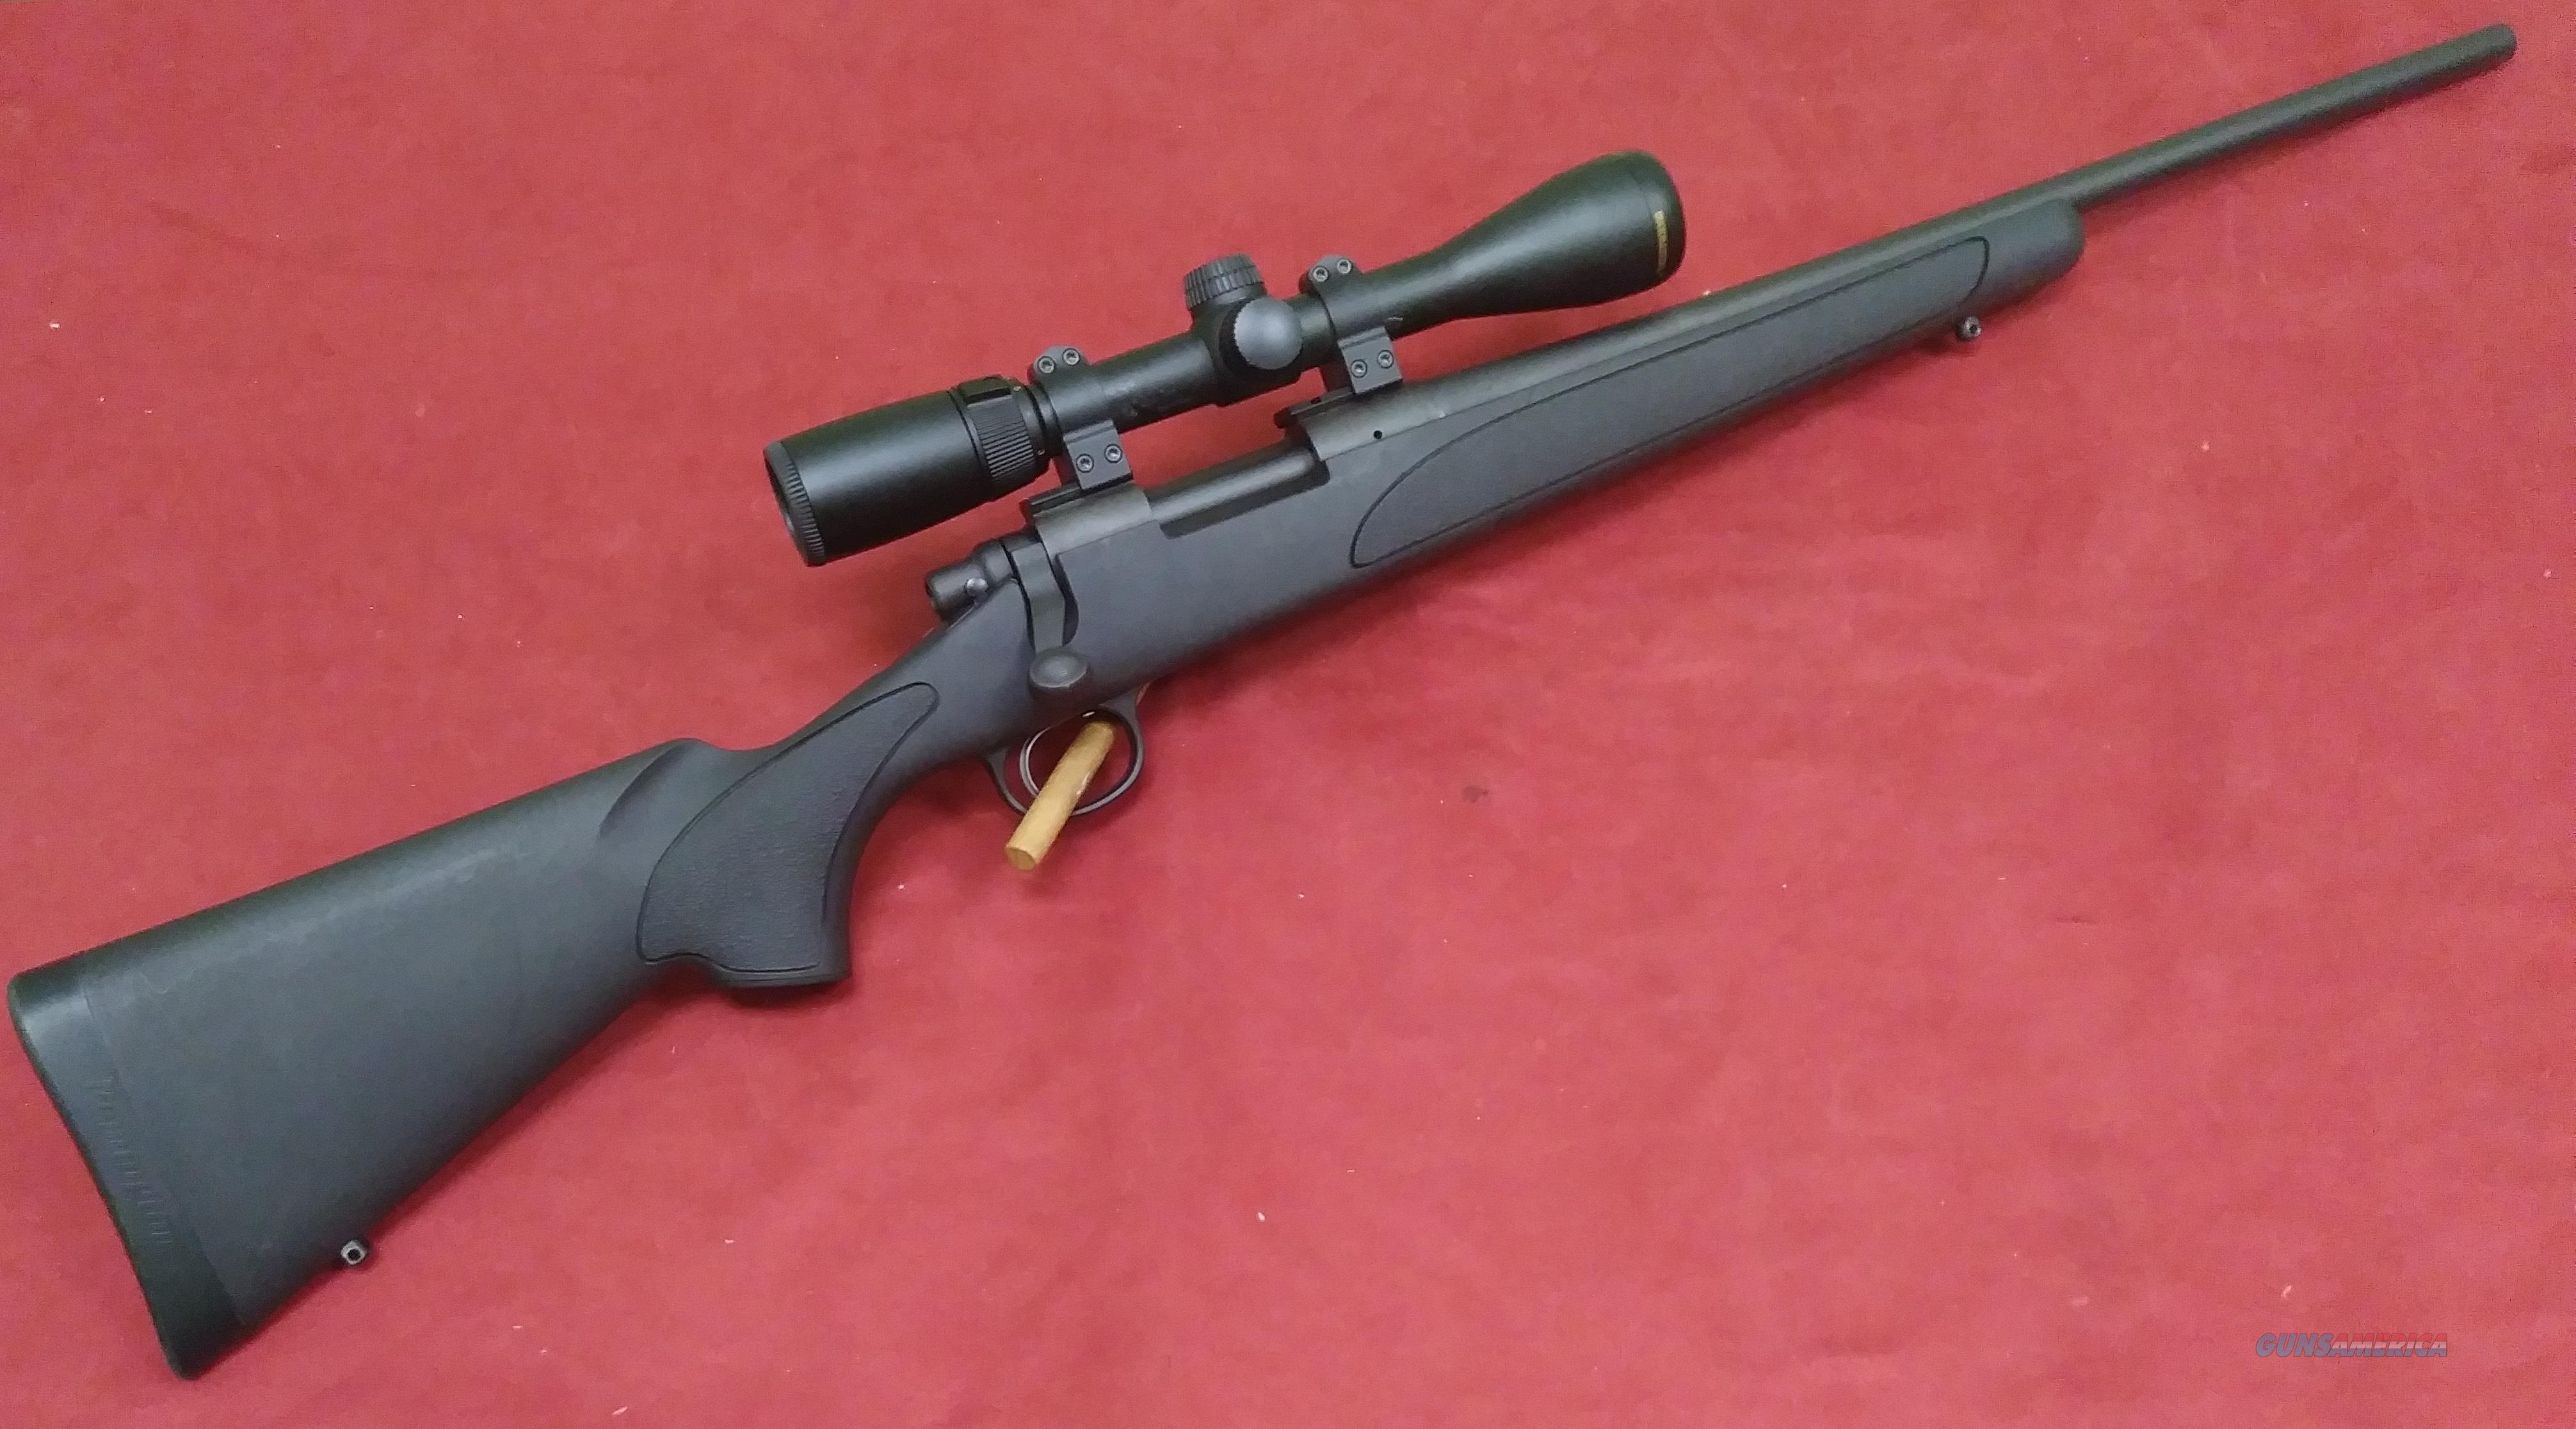 Remington 700, .243 win, w/scope  Guns > Rifles > Remington Rifles - Modern > Model 700 > Sporting